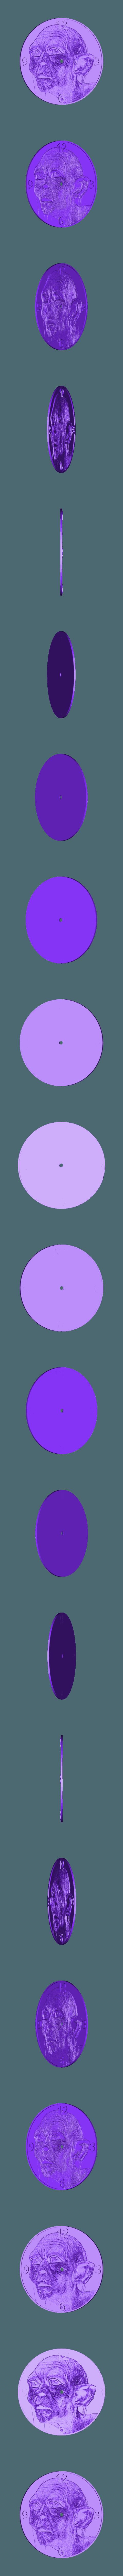 598490b2 f074 4518 bbee afbfba52a6df